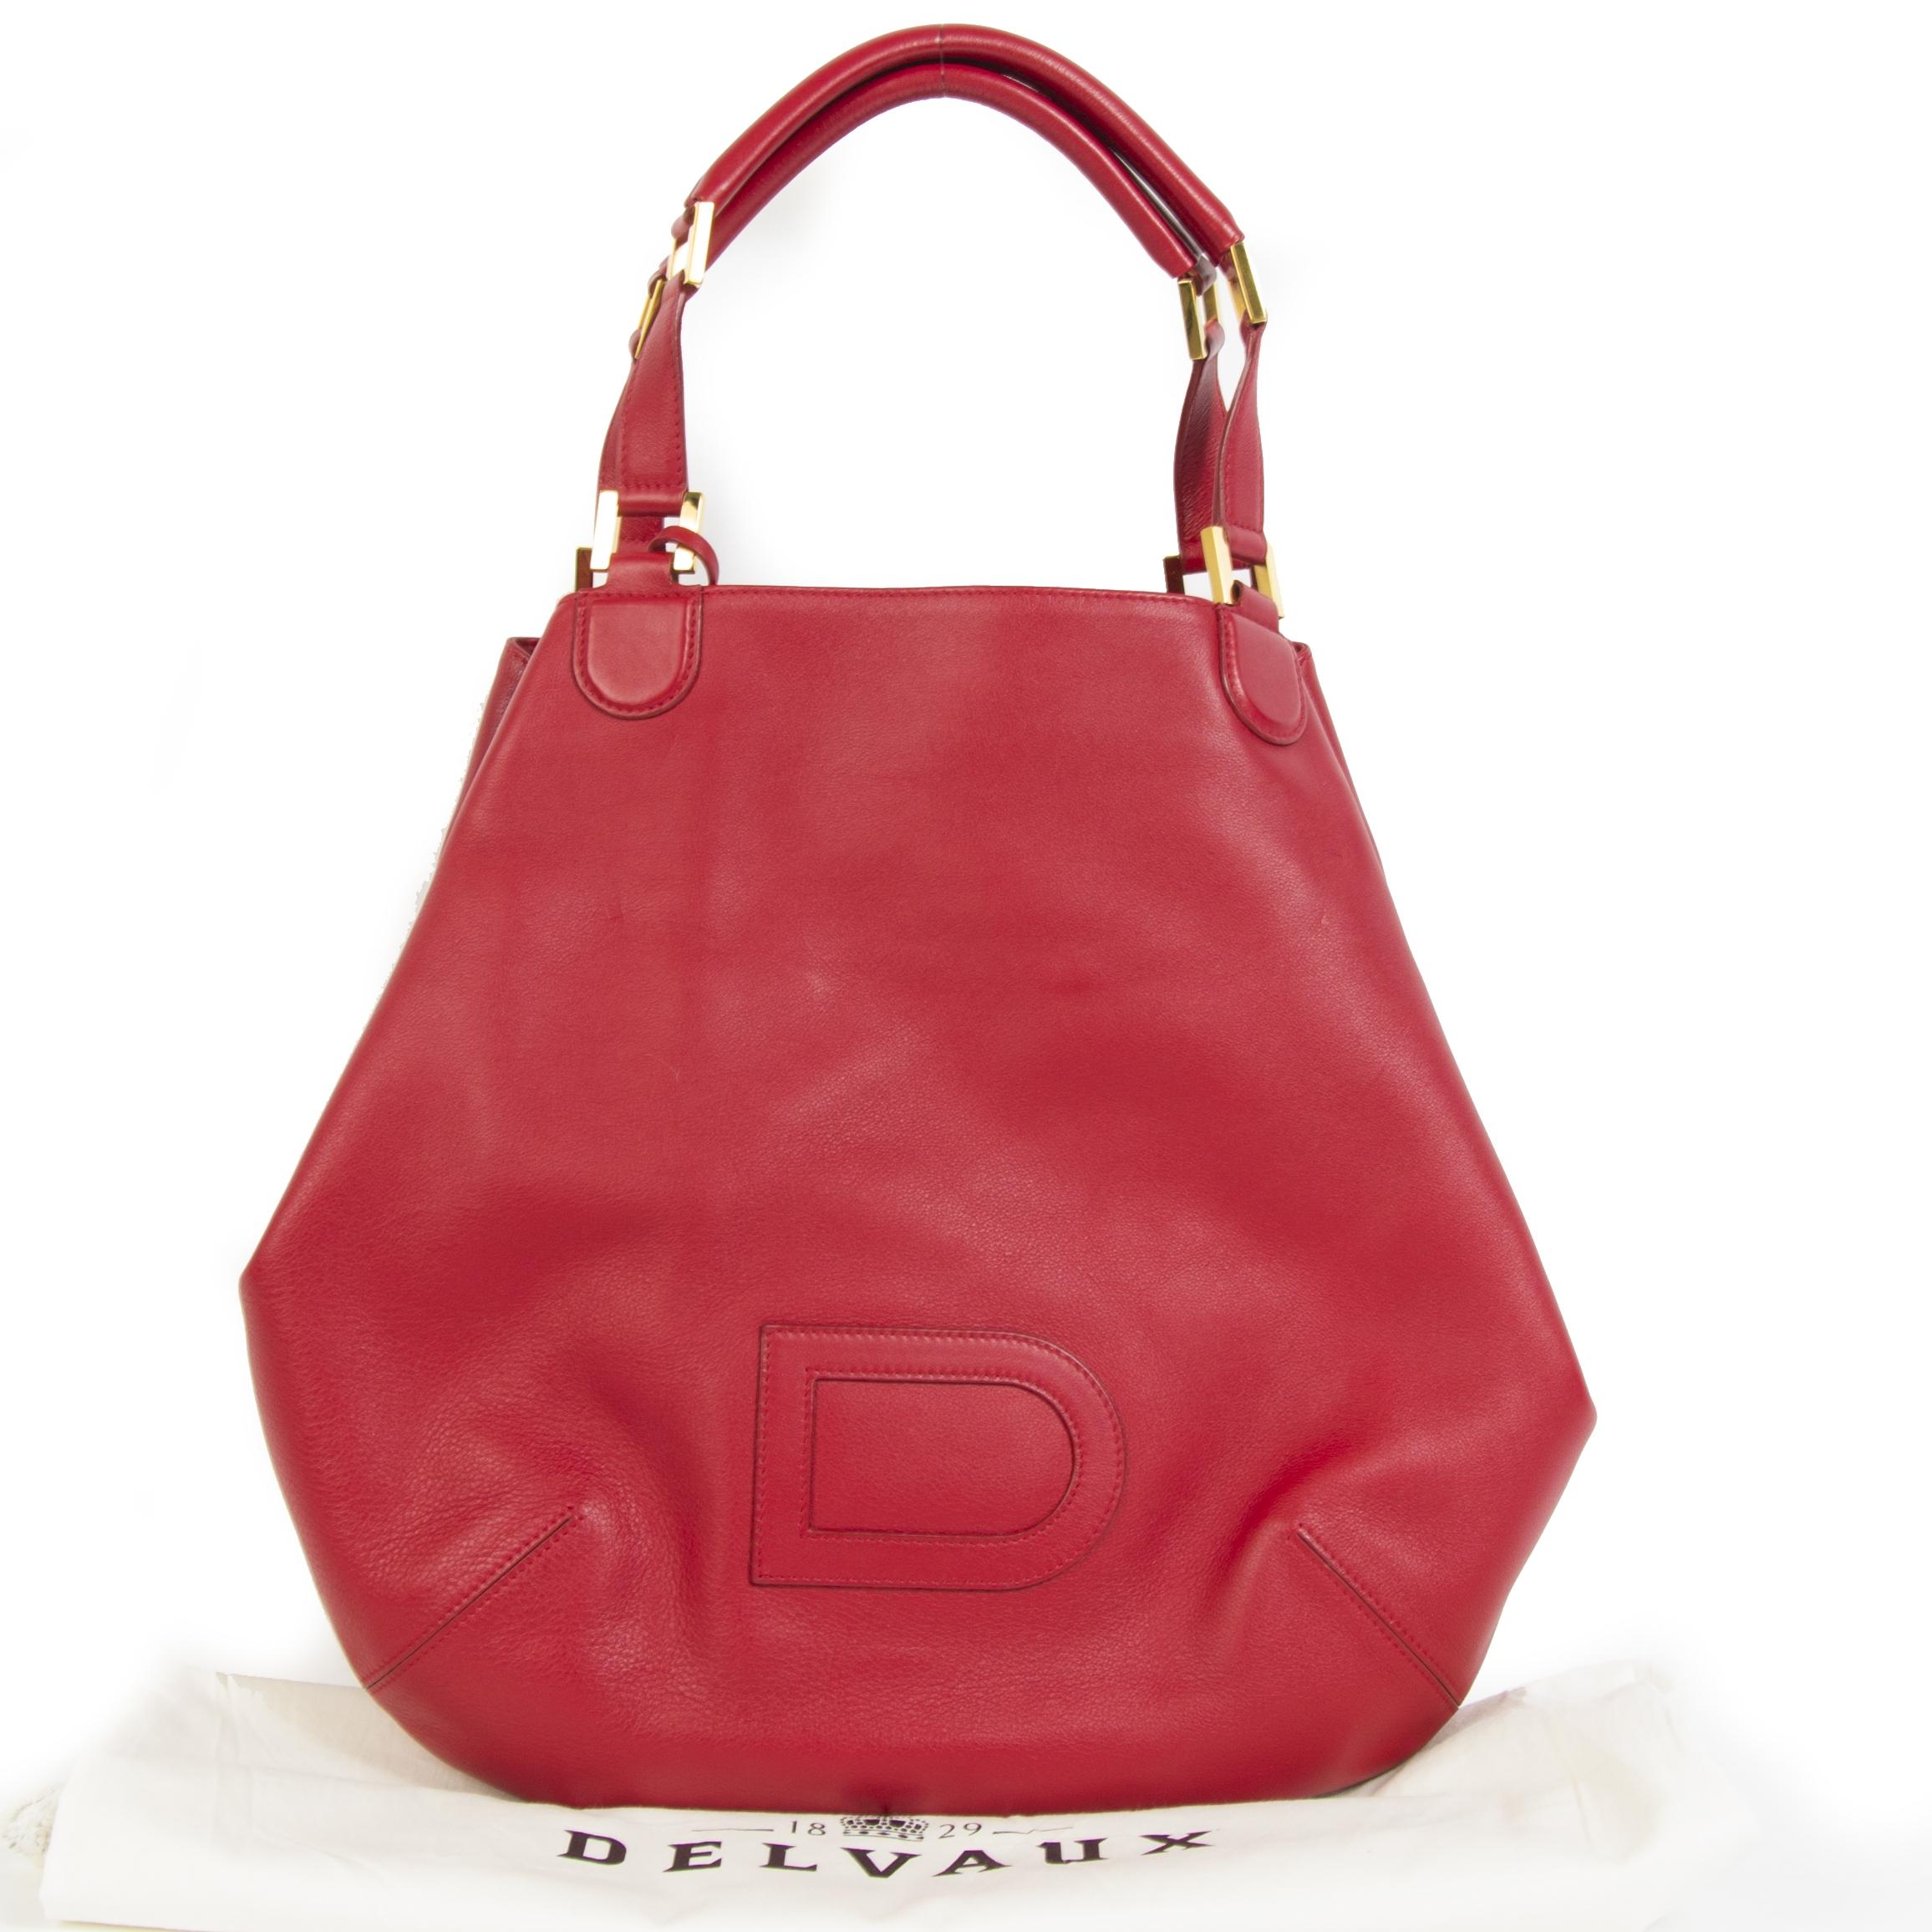 63ccb755ec7 Labellov Buy safe Delvaux designer vintage online. Vind tweedehands ...